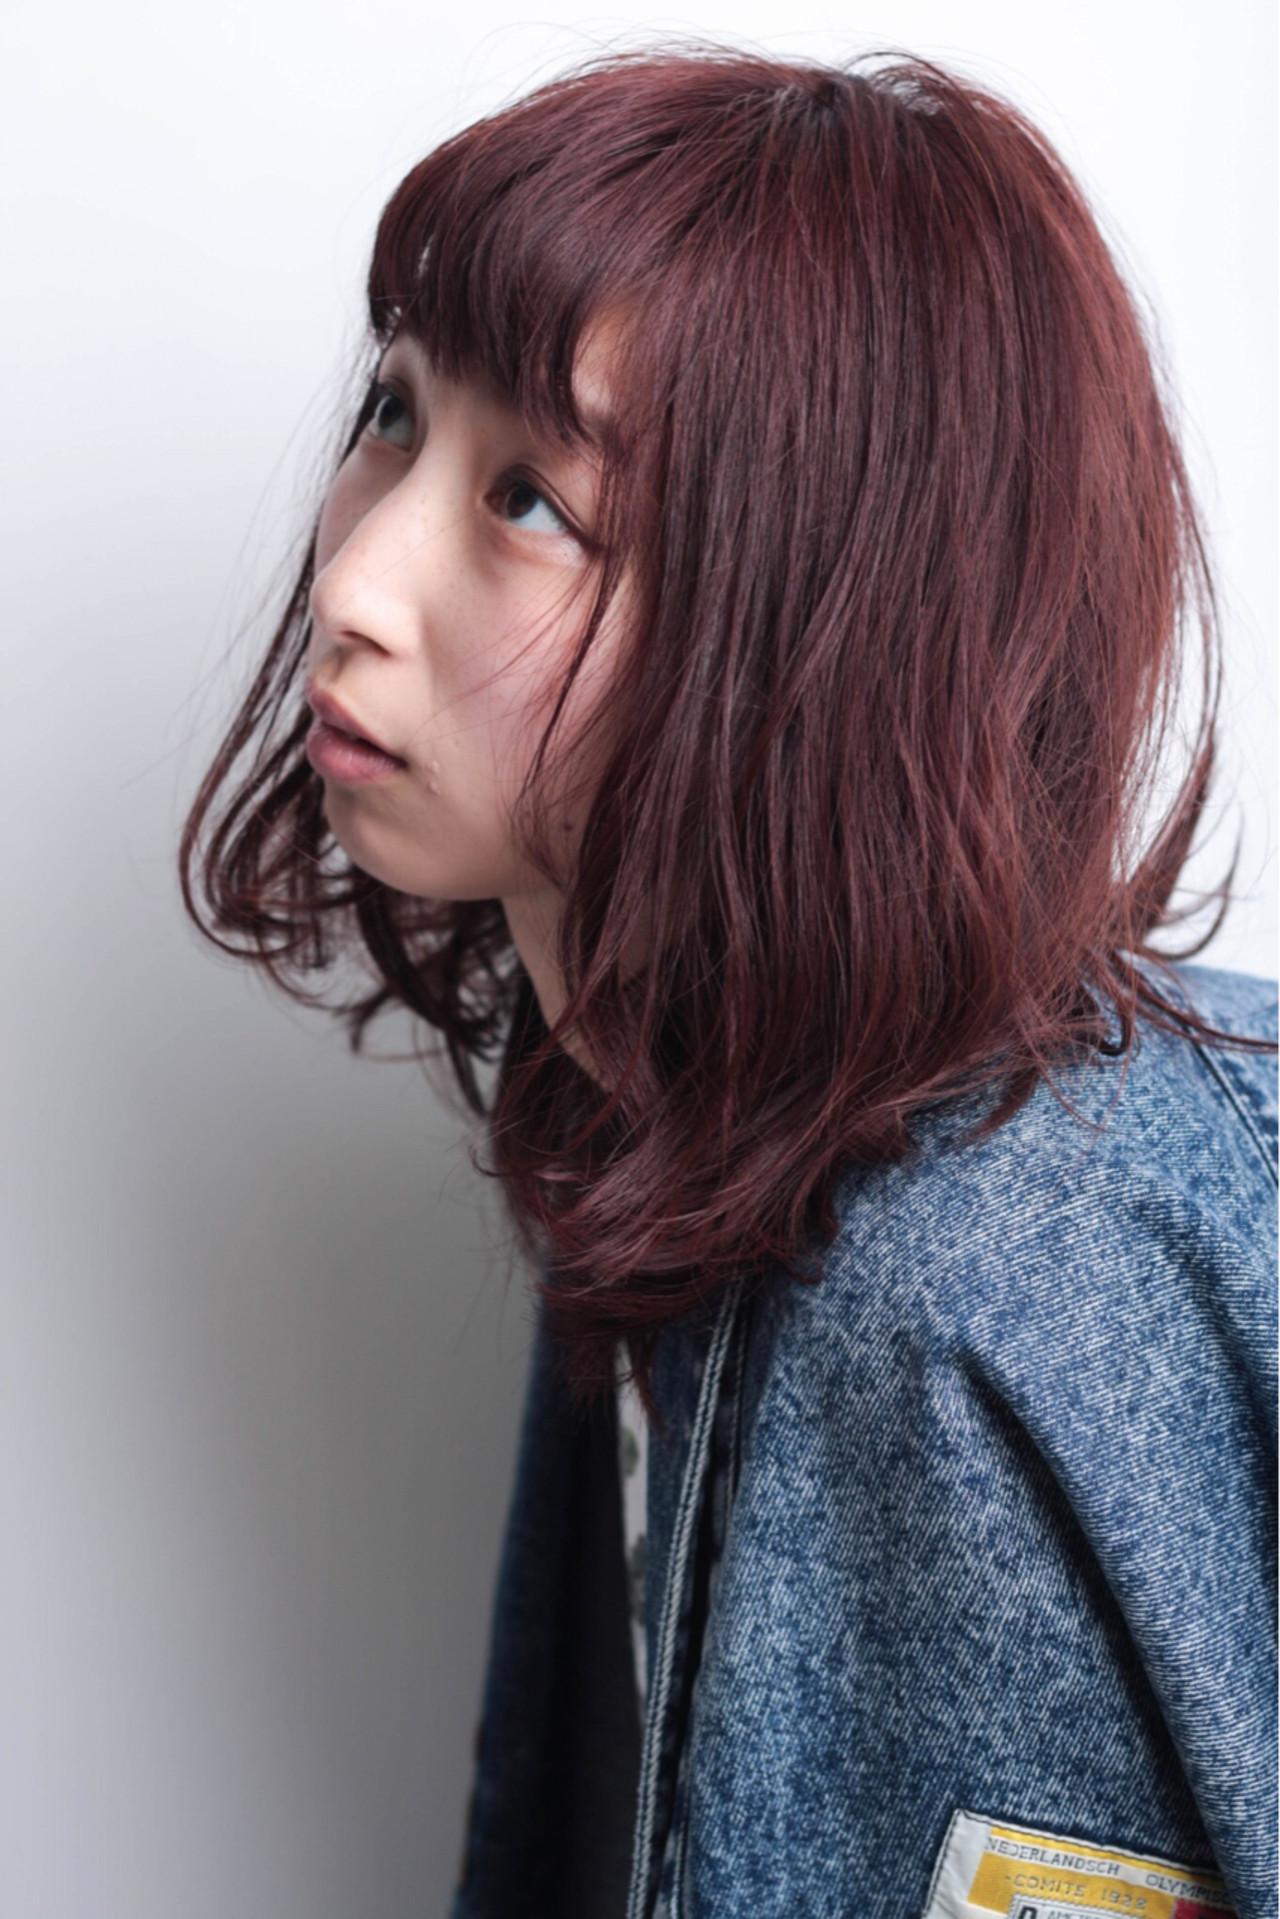 ミディアム 冬 ベリーピンク ヘアメイクヘアスタイルや髪型の写真・画像